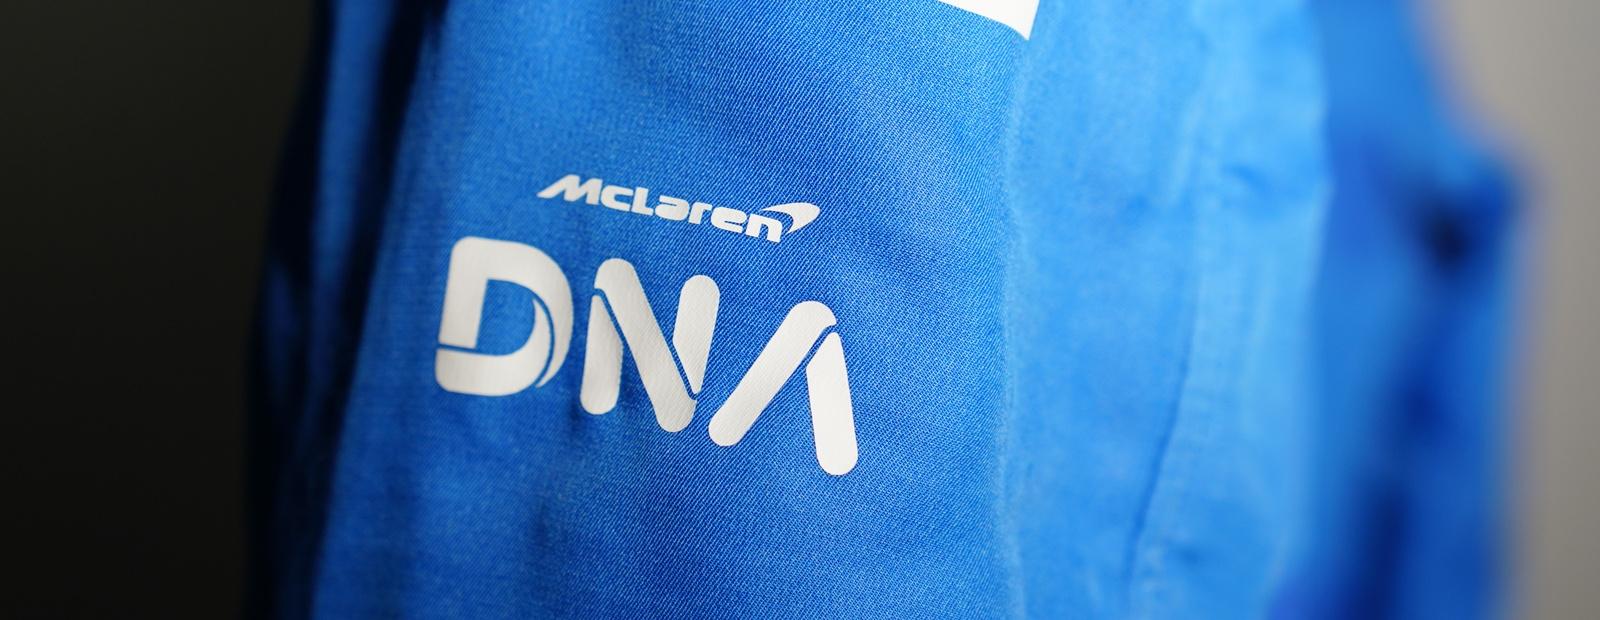 McLAREN DNA